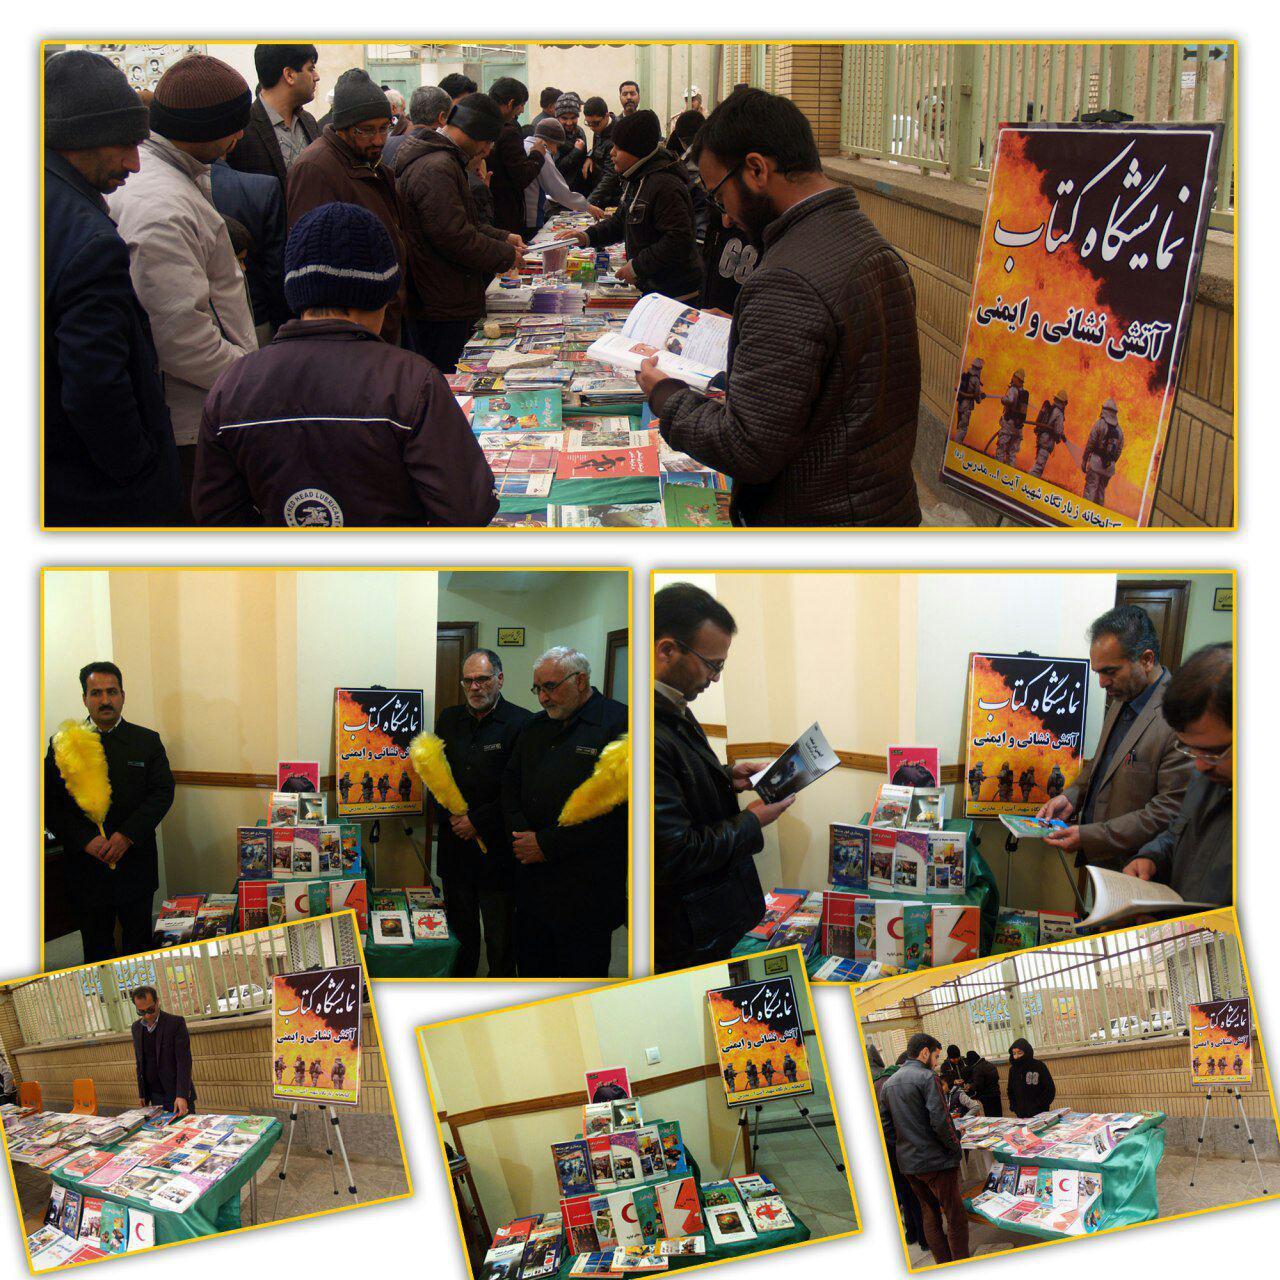 برپایی نمایشگاه کتاب در کاشمر